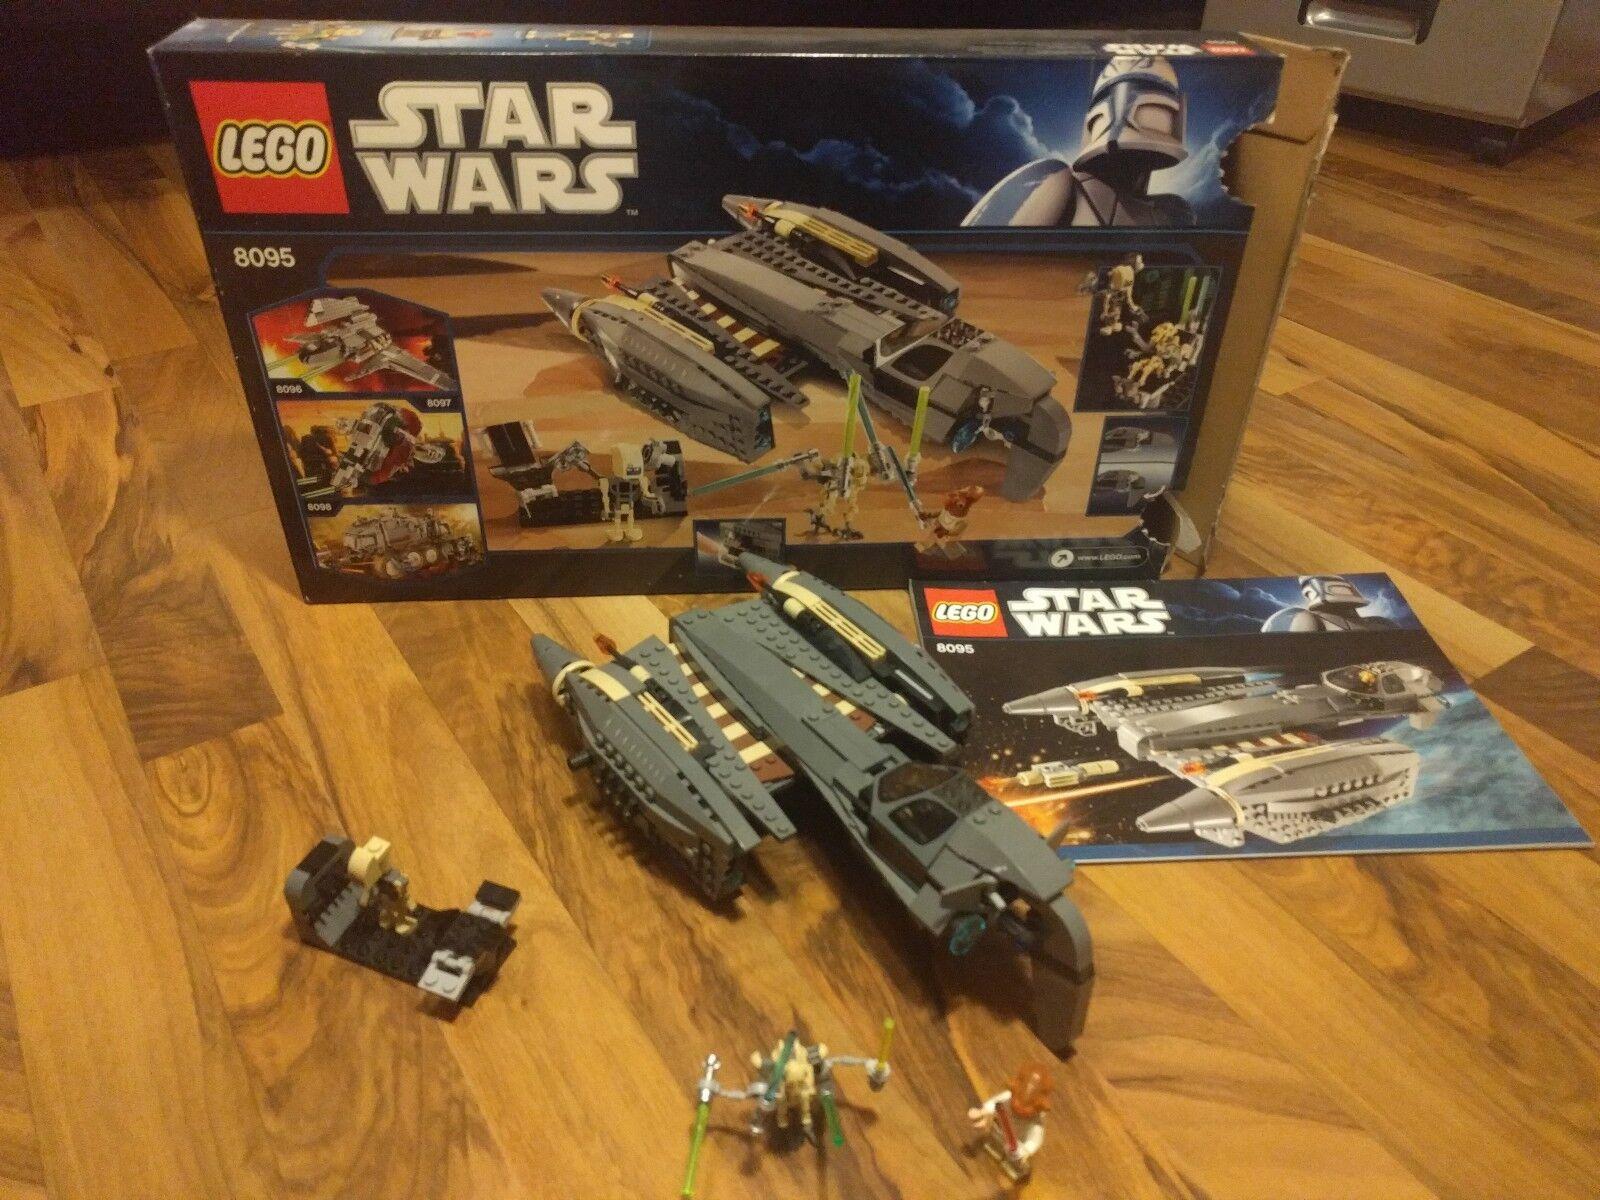 LEGO StarWars General Grievous' Starfighter (8095)